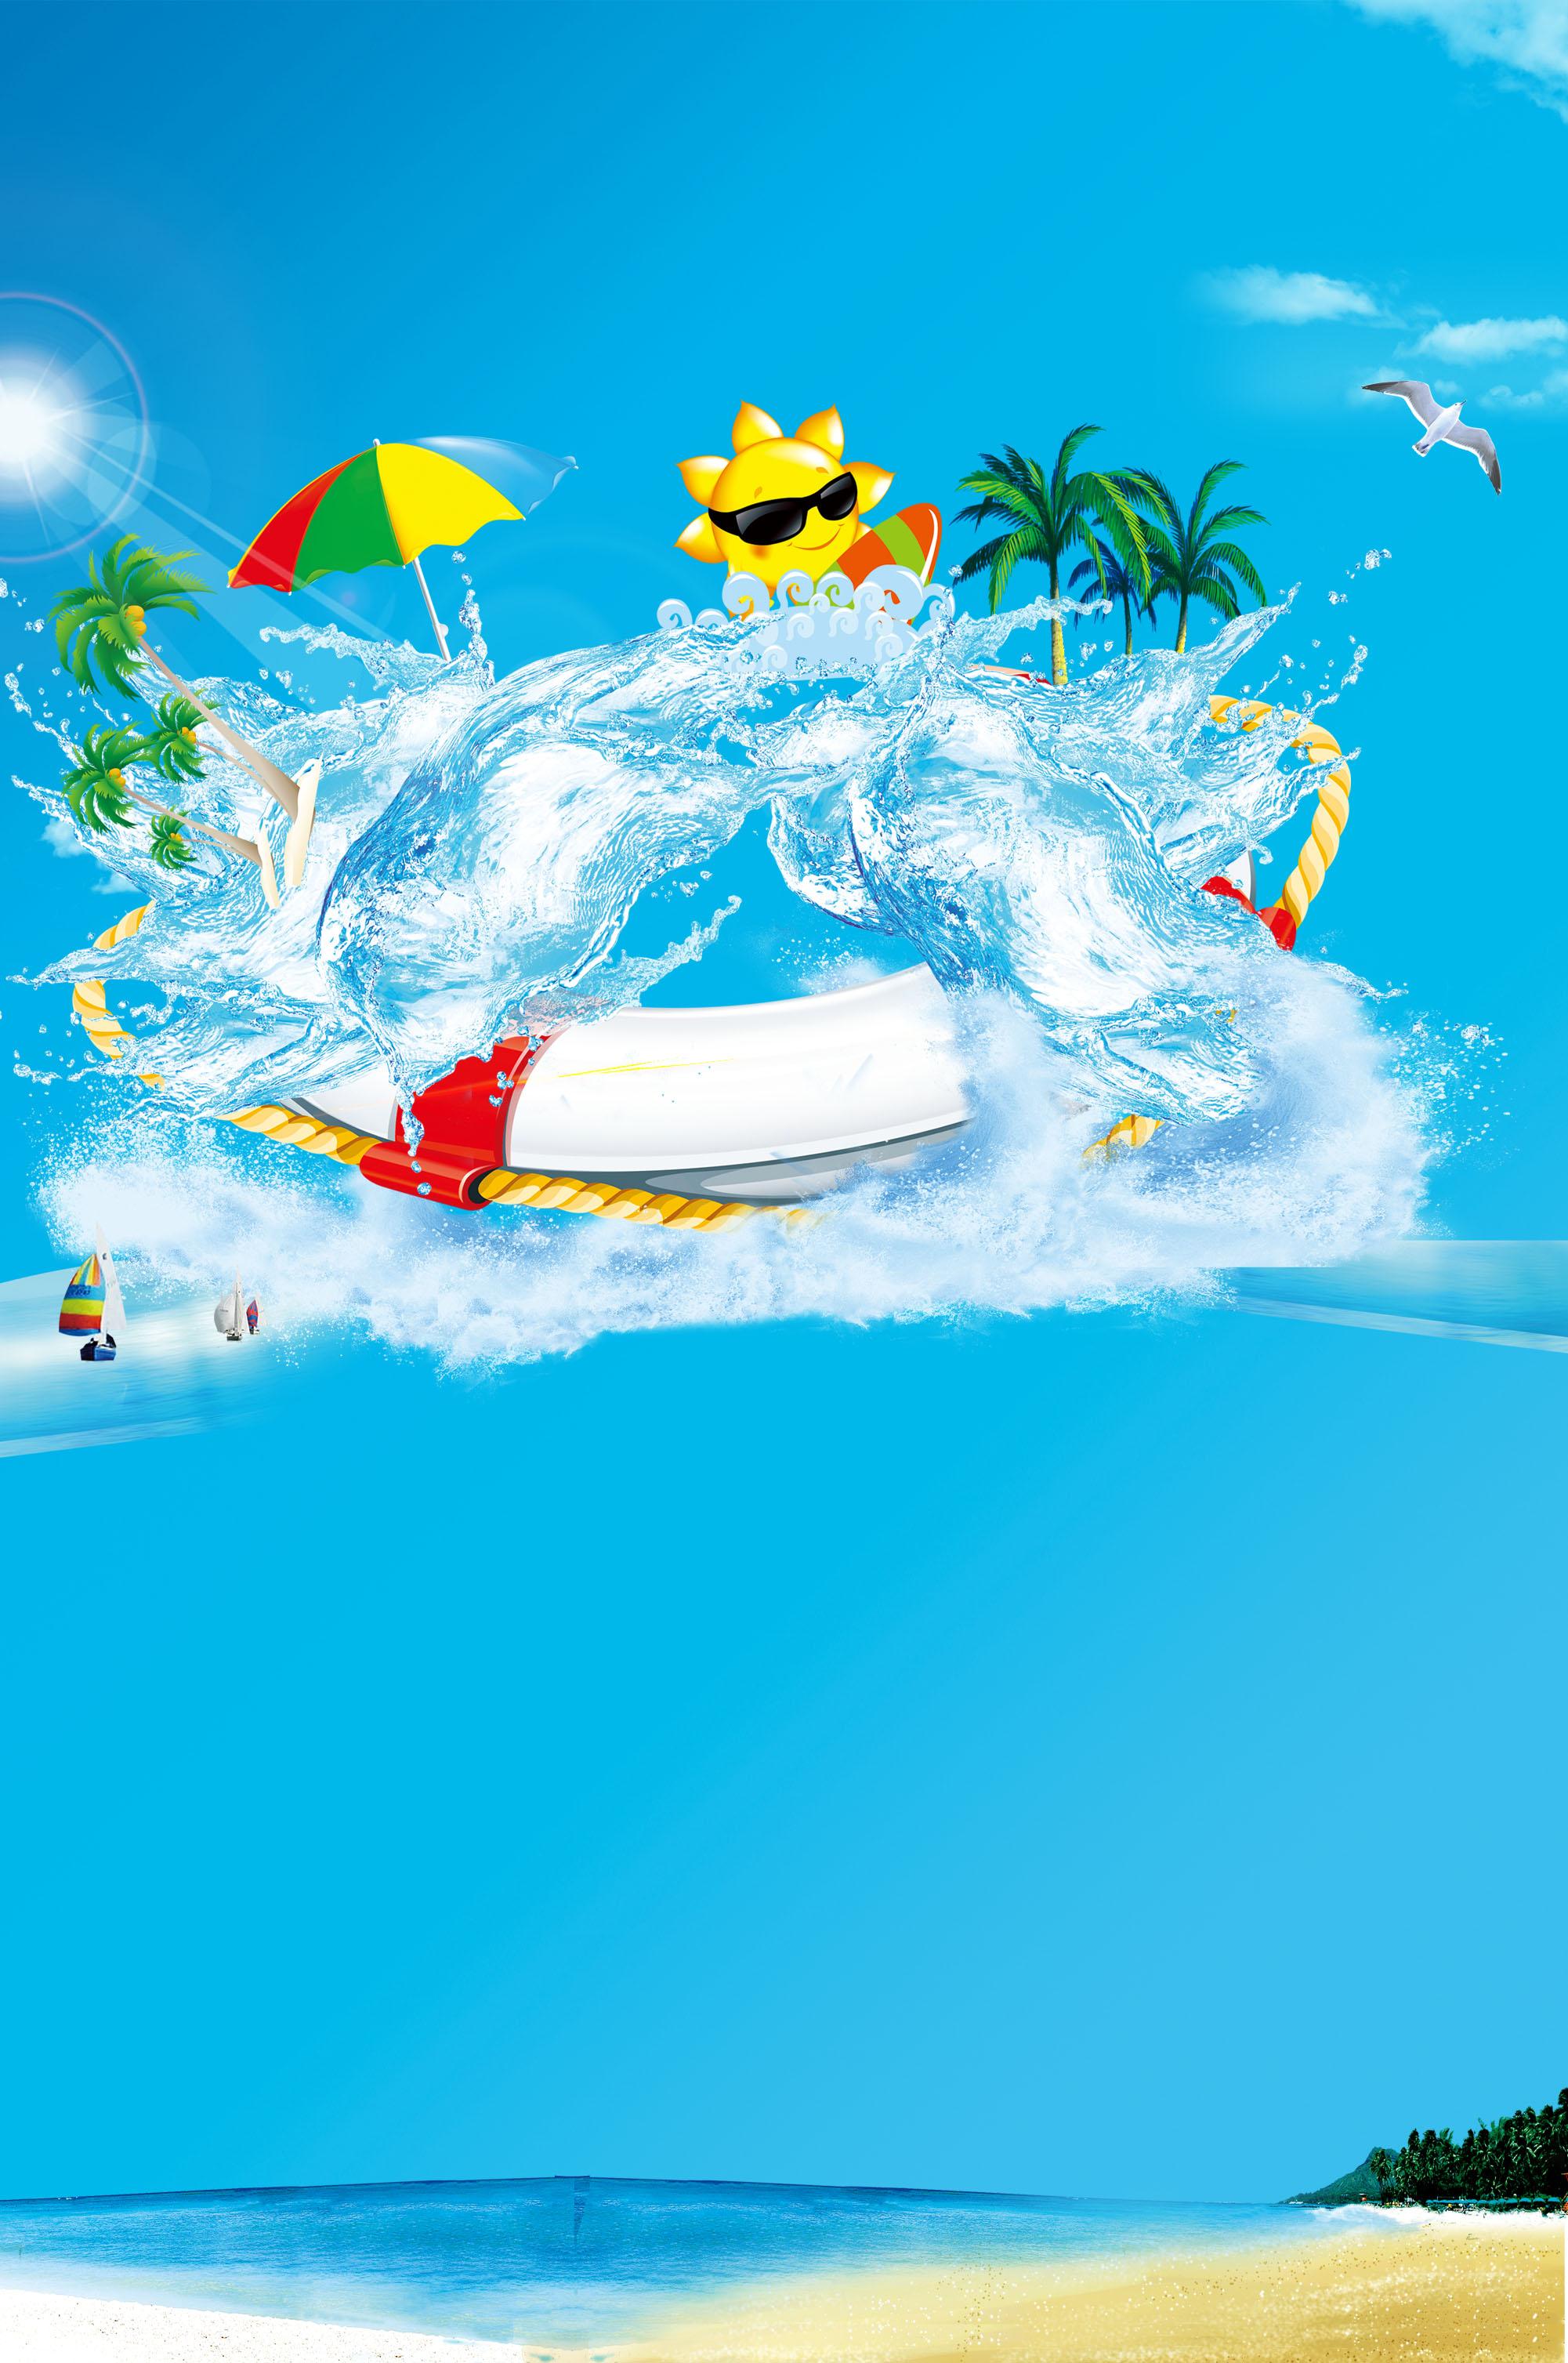 surfeur nageur vague splash contexte conception art la